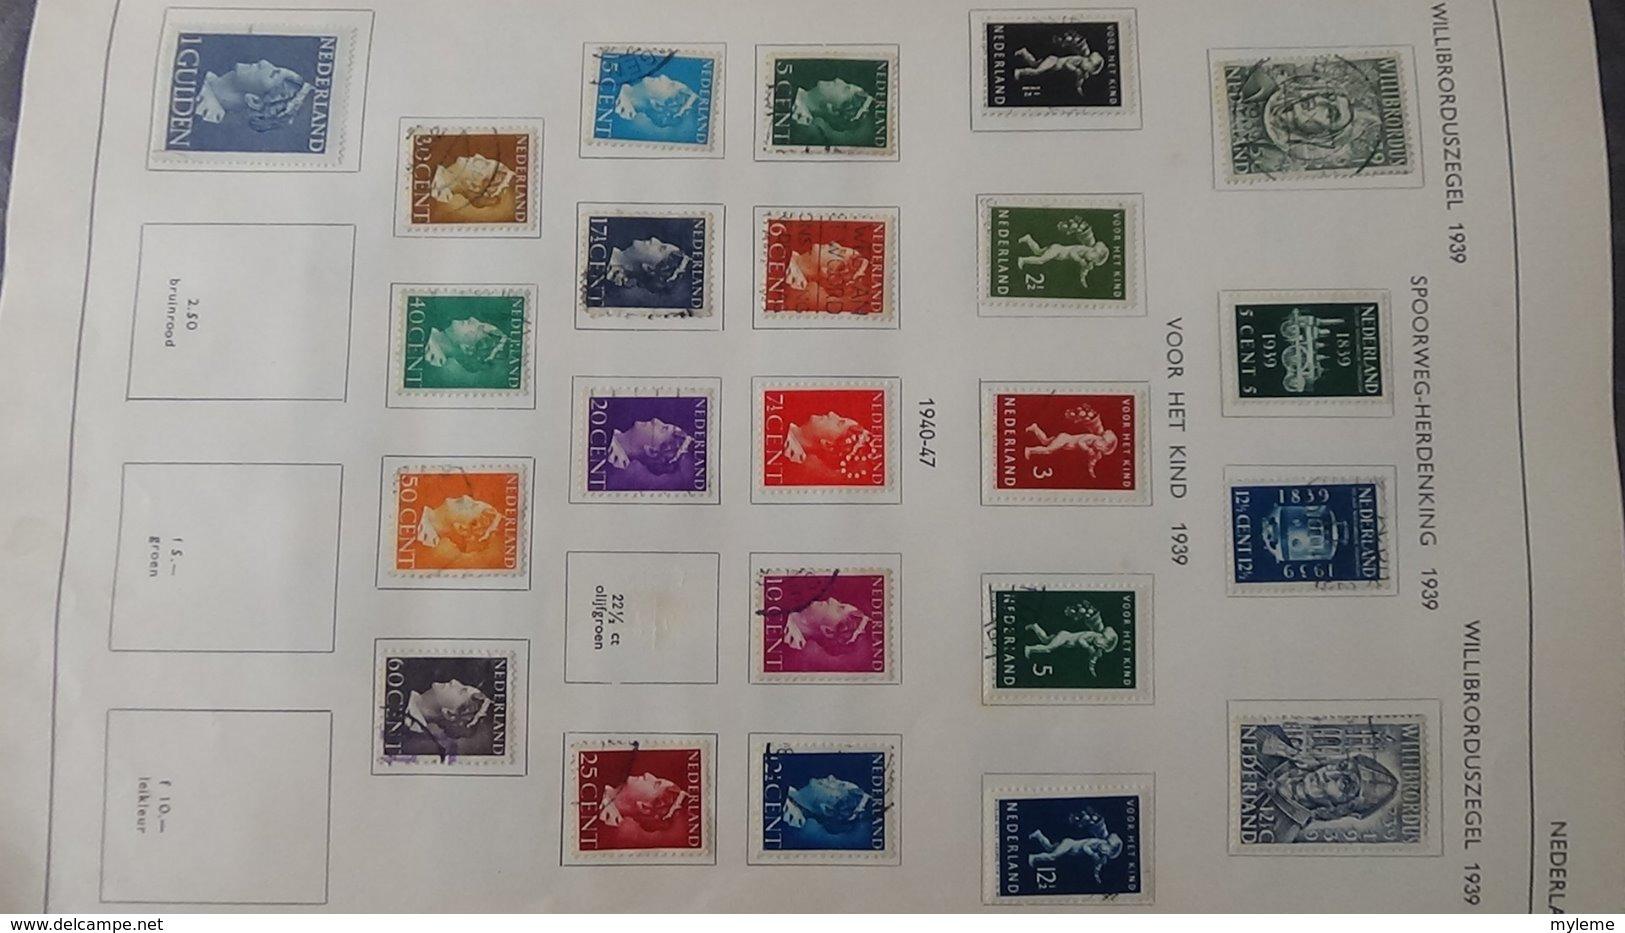 Belle Collection De HOLLANDE Dont Des Doubles Superposés. Idéal Pour Combler Des Thématiques. - Stamps